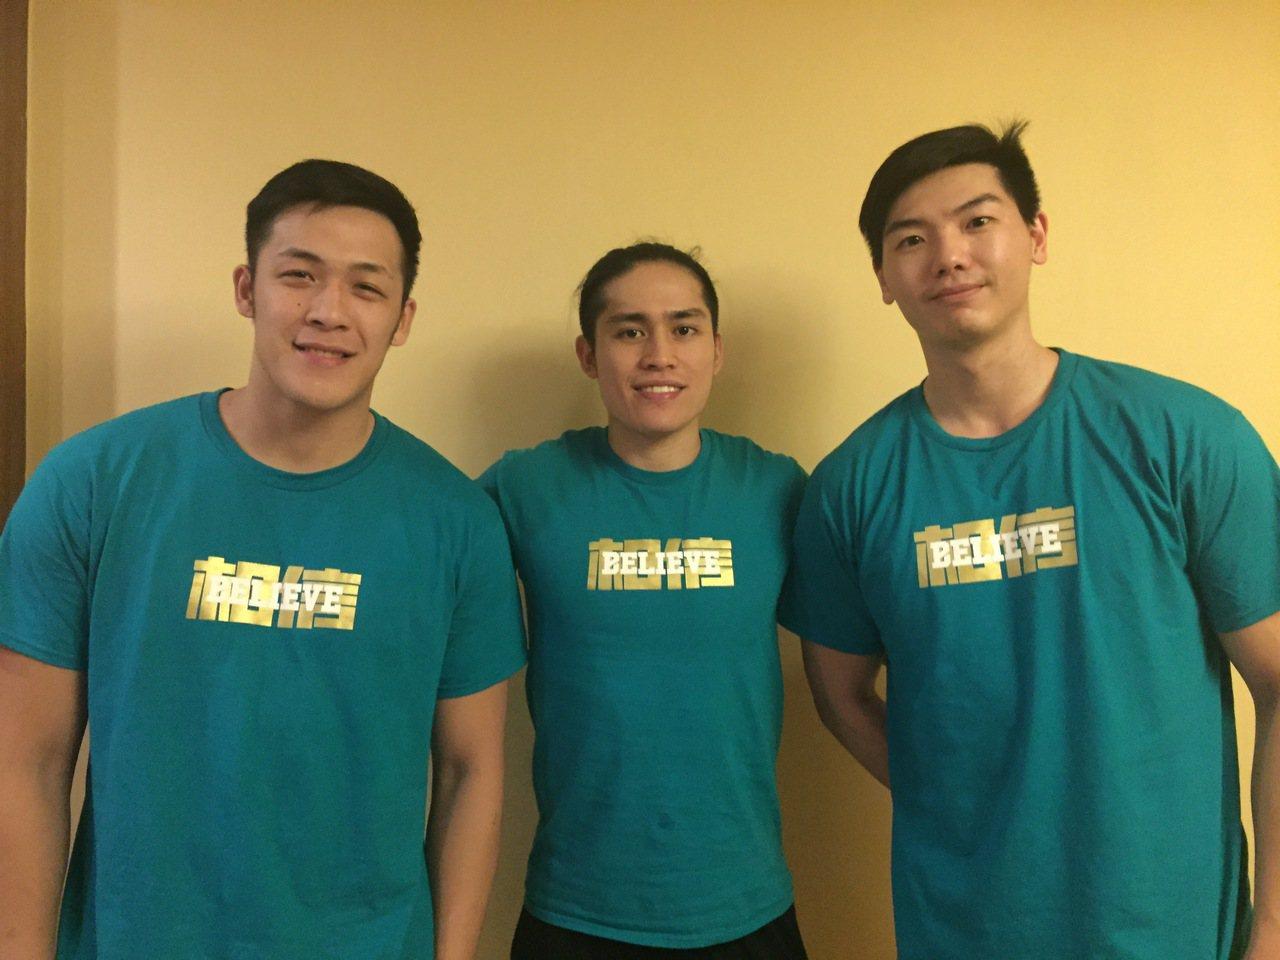 周儀翔(左起)、陳盈駿和胡瓏貿賽後一同換上「相信」T恤。圖/引爆運動訓練提供